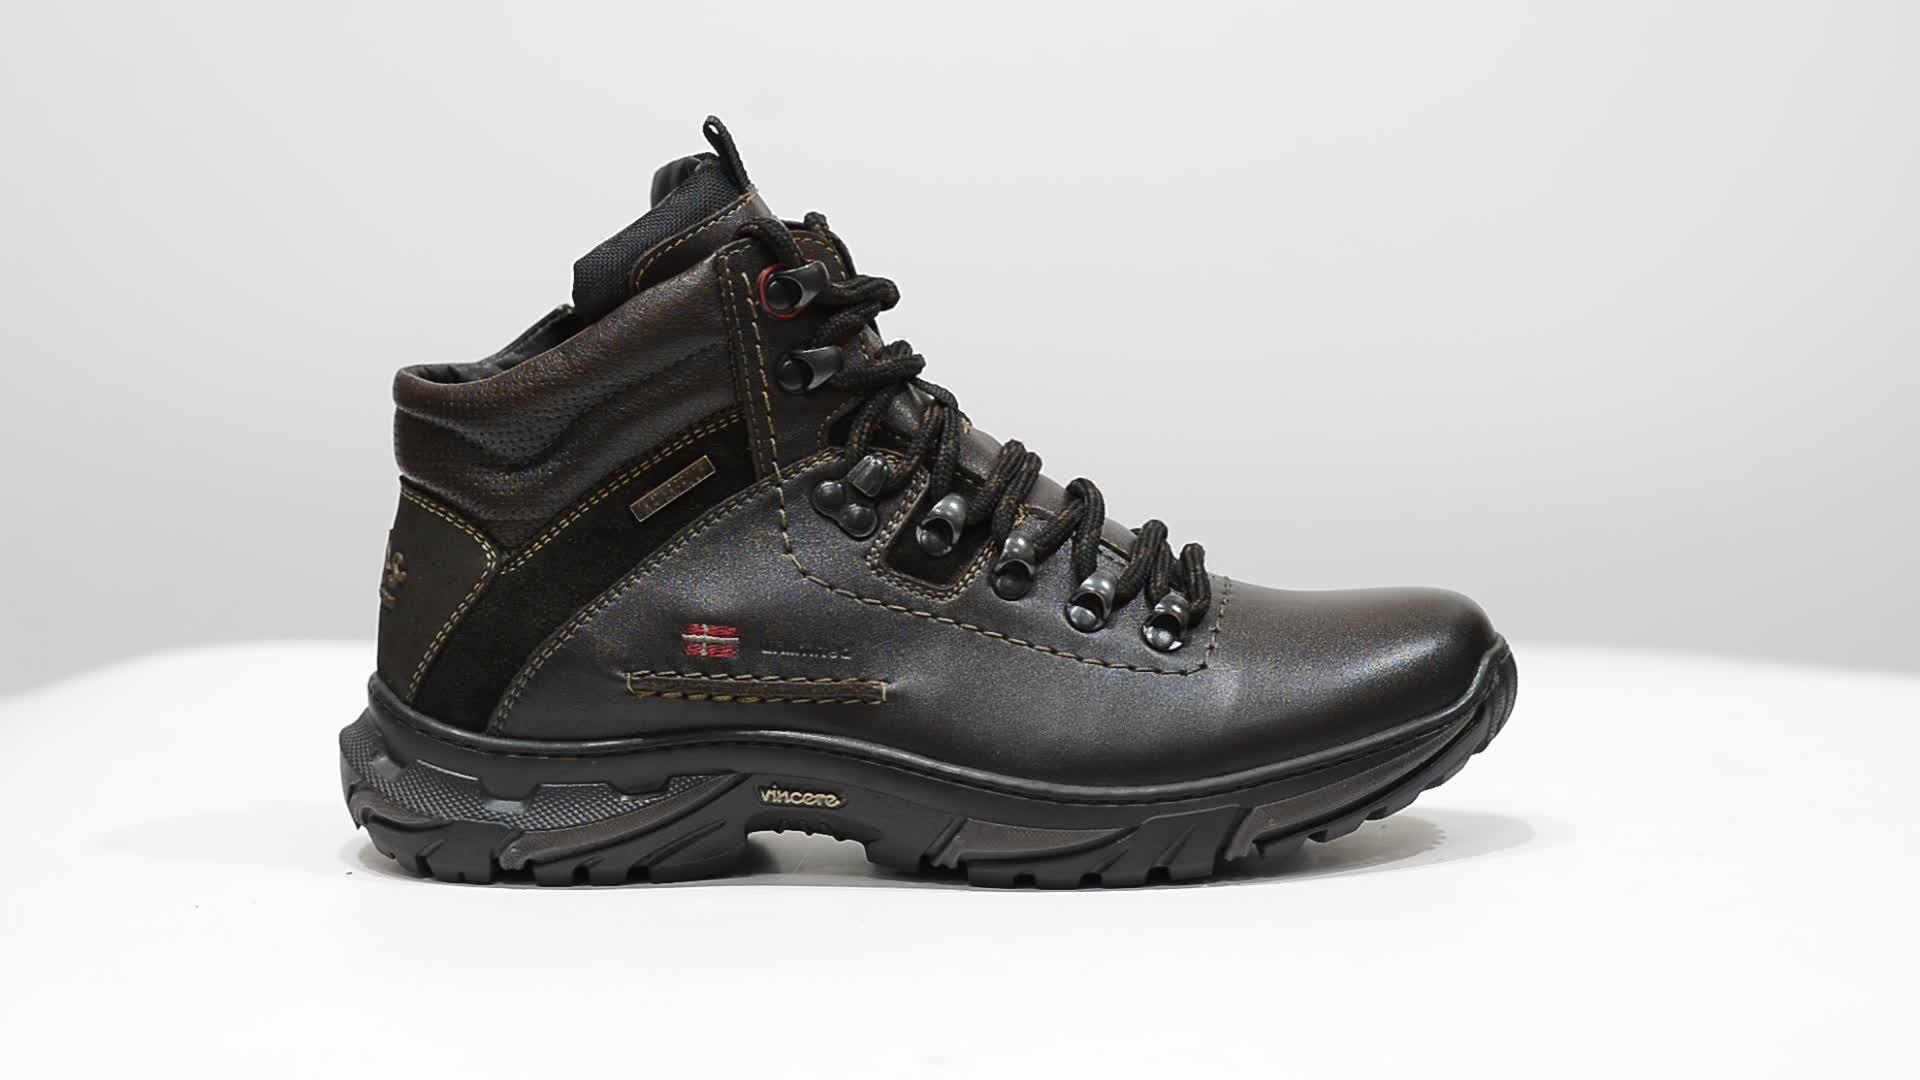 Men's winter shoes M730 kp